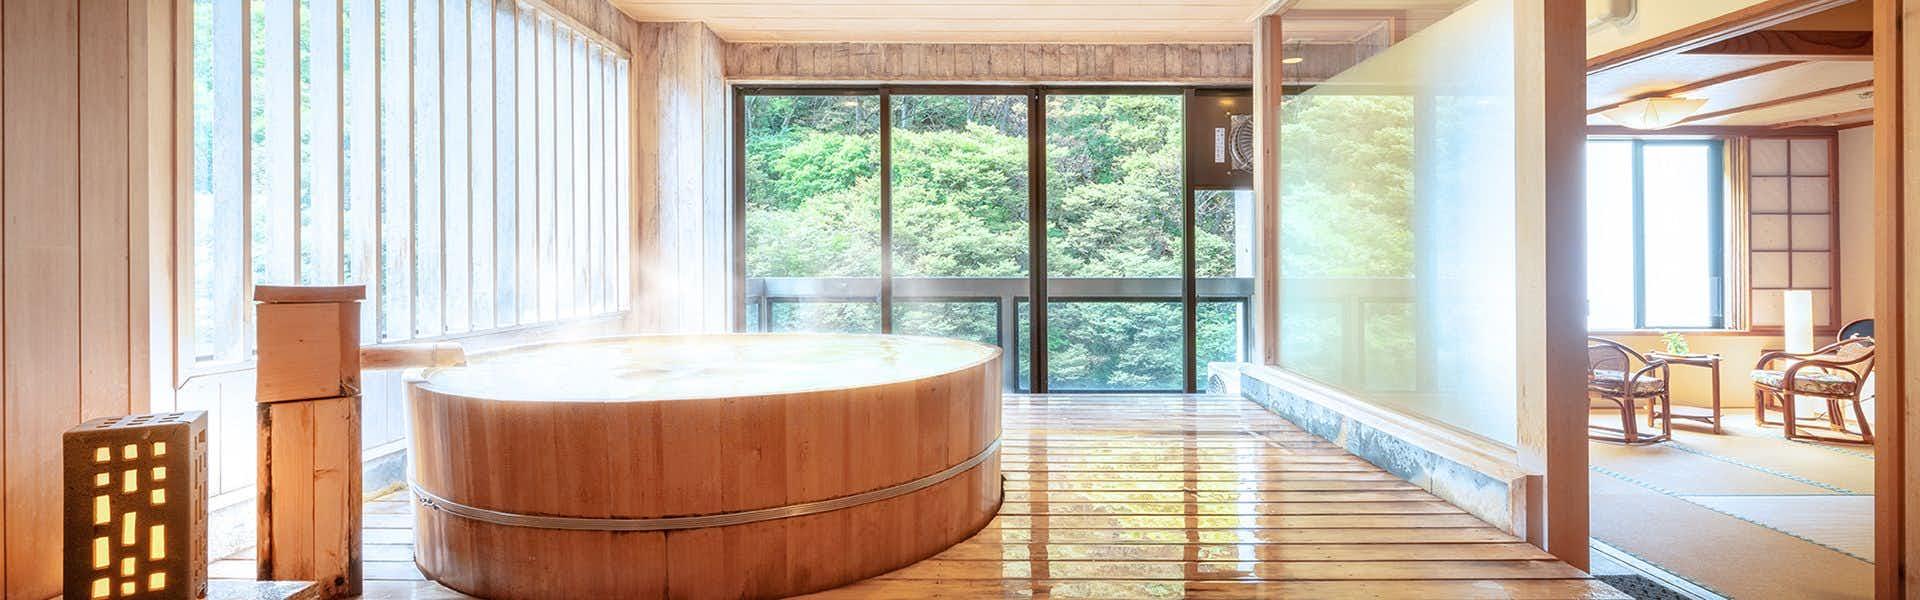 客室の温泉